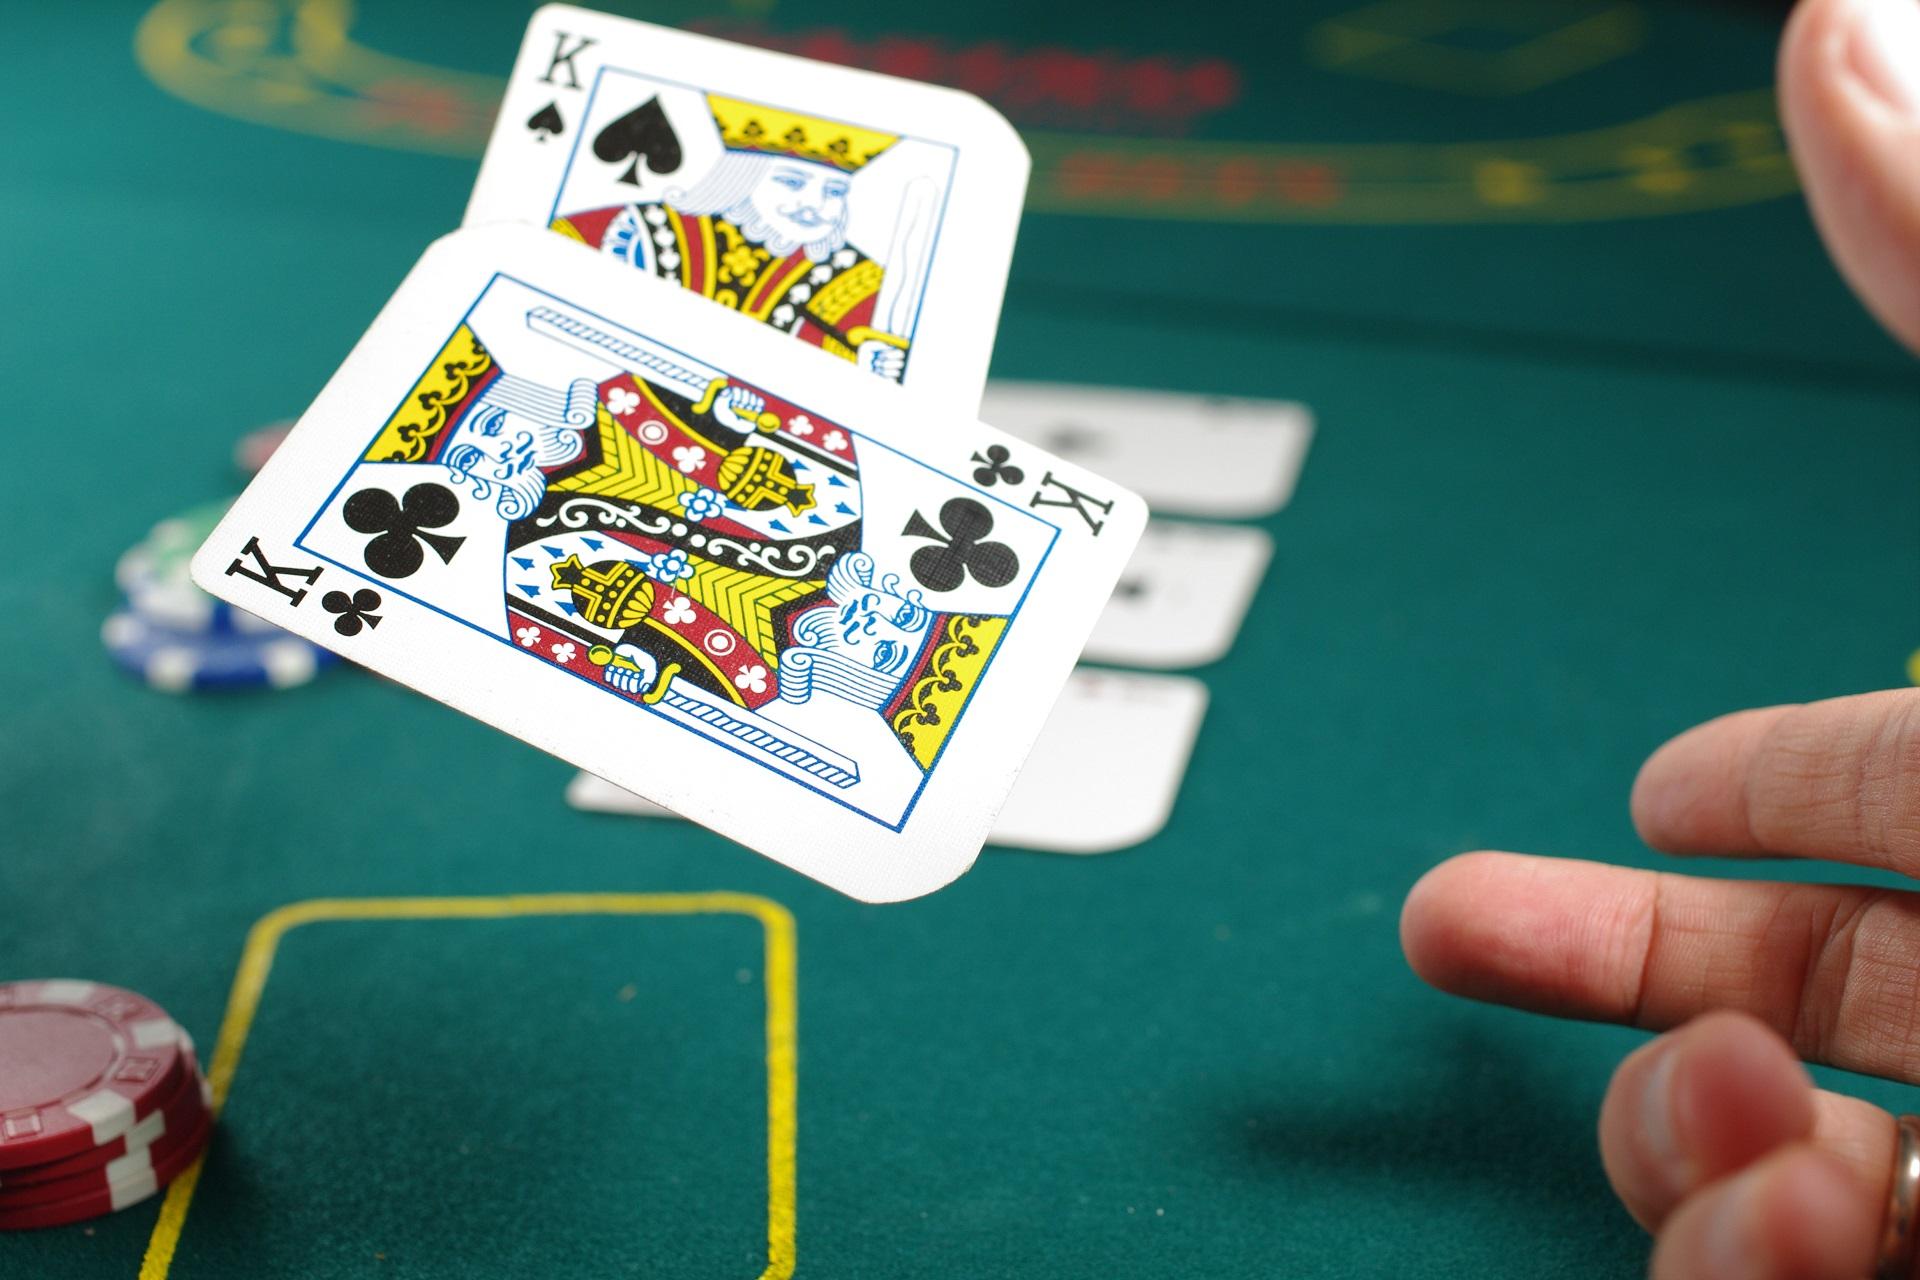 Meet the Doppelganger of Blackjack